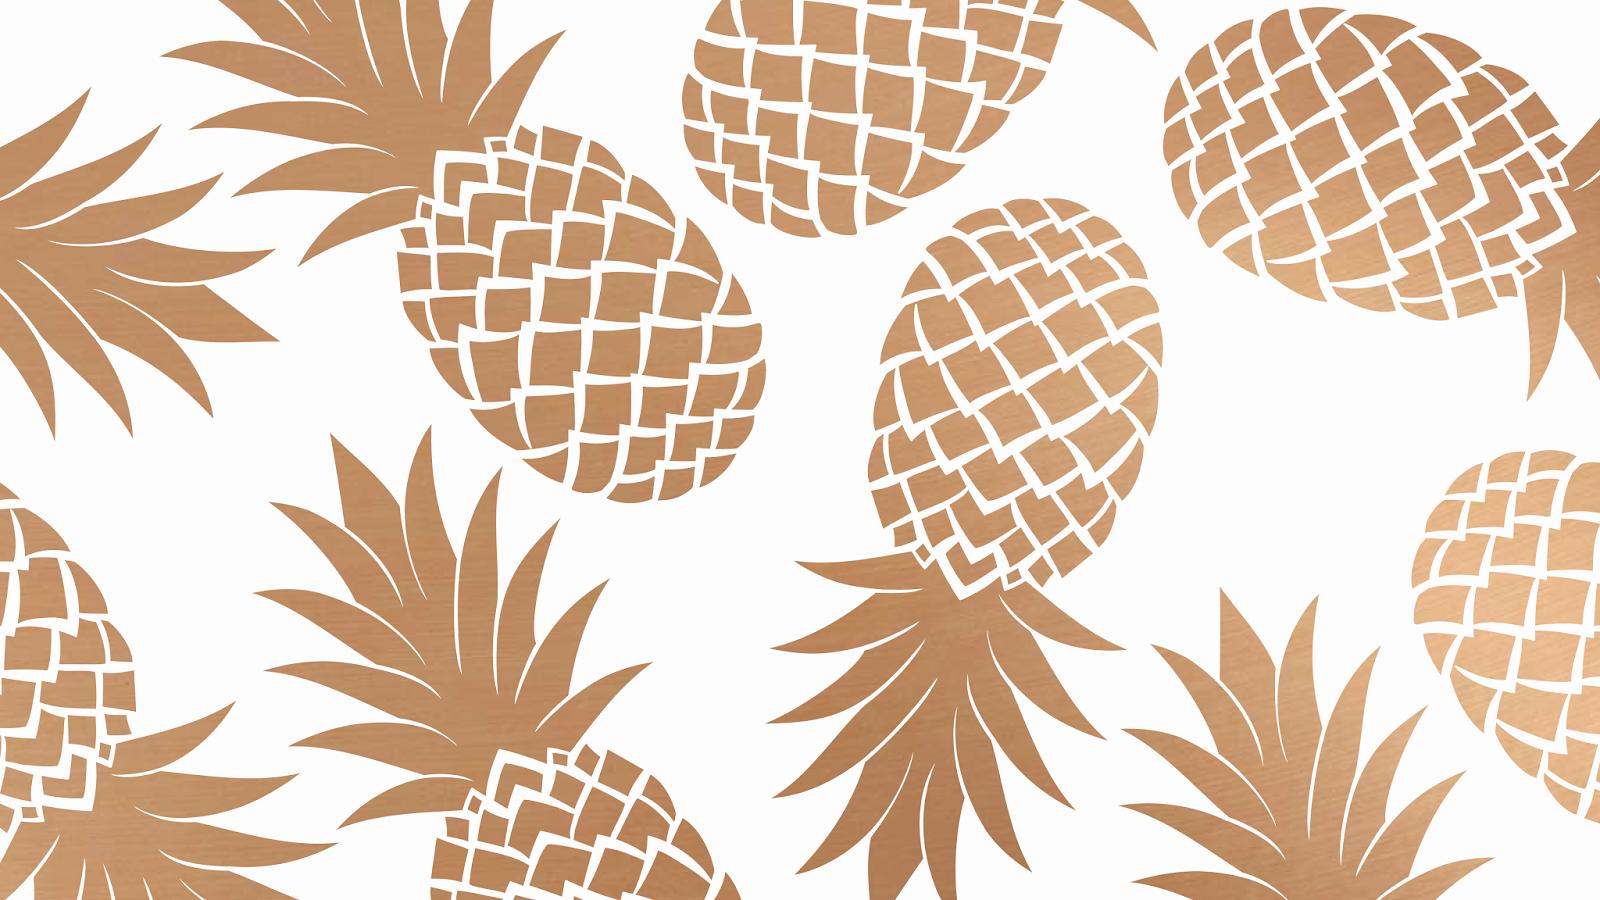 Why You Should Live Like A Pineapple